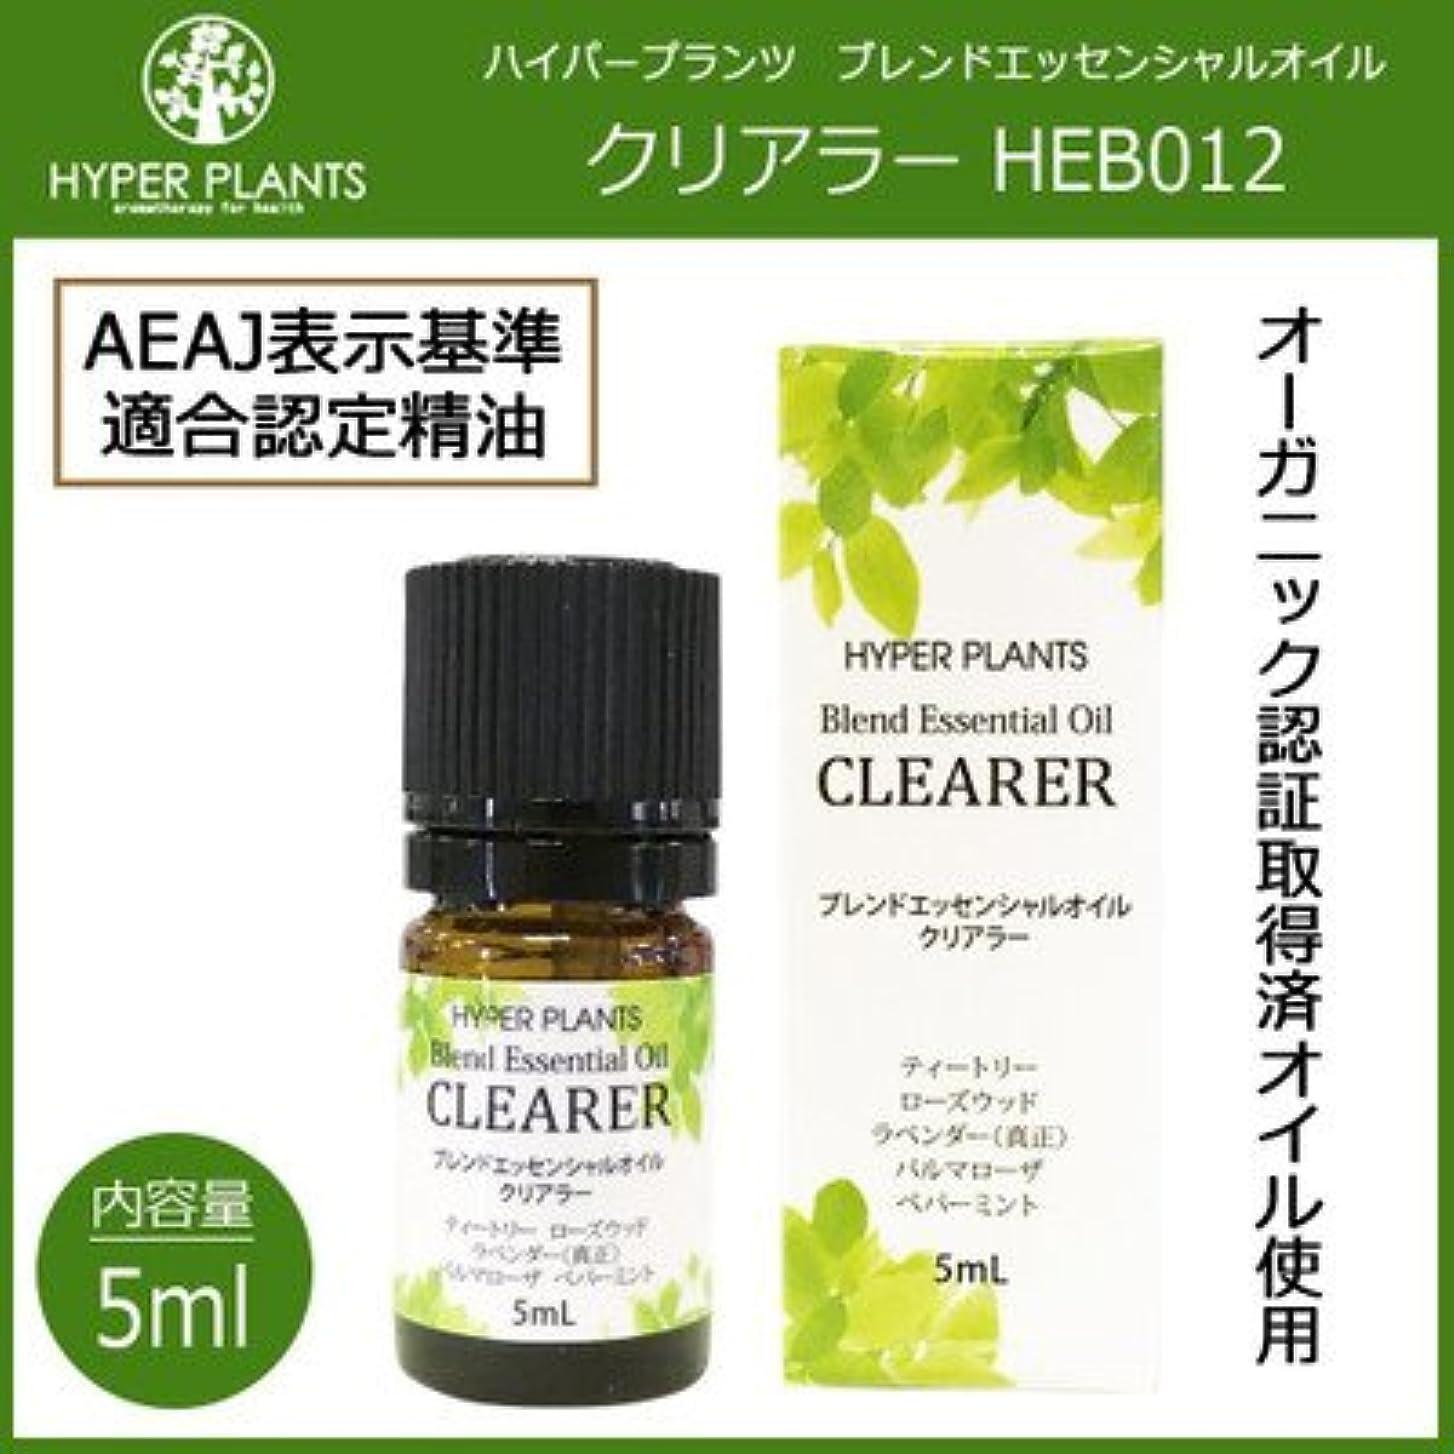 枯渇うなずく換気毎日の生活にアロマの香りを HYPER PLANTS ハイパープランツ ブレンドエッセンシャルオイル クリアラー 5ml HEB012